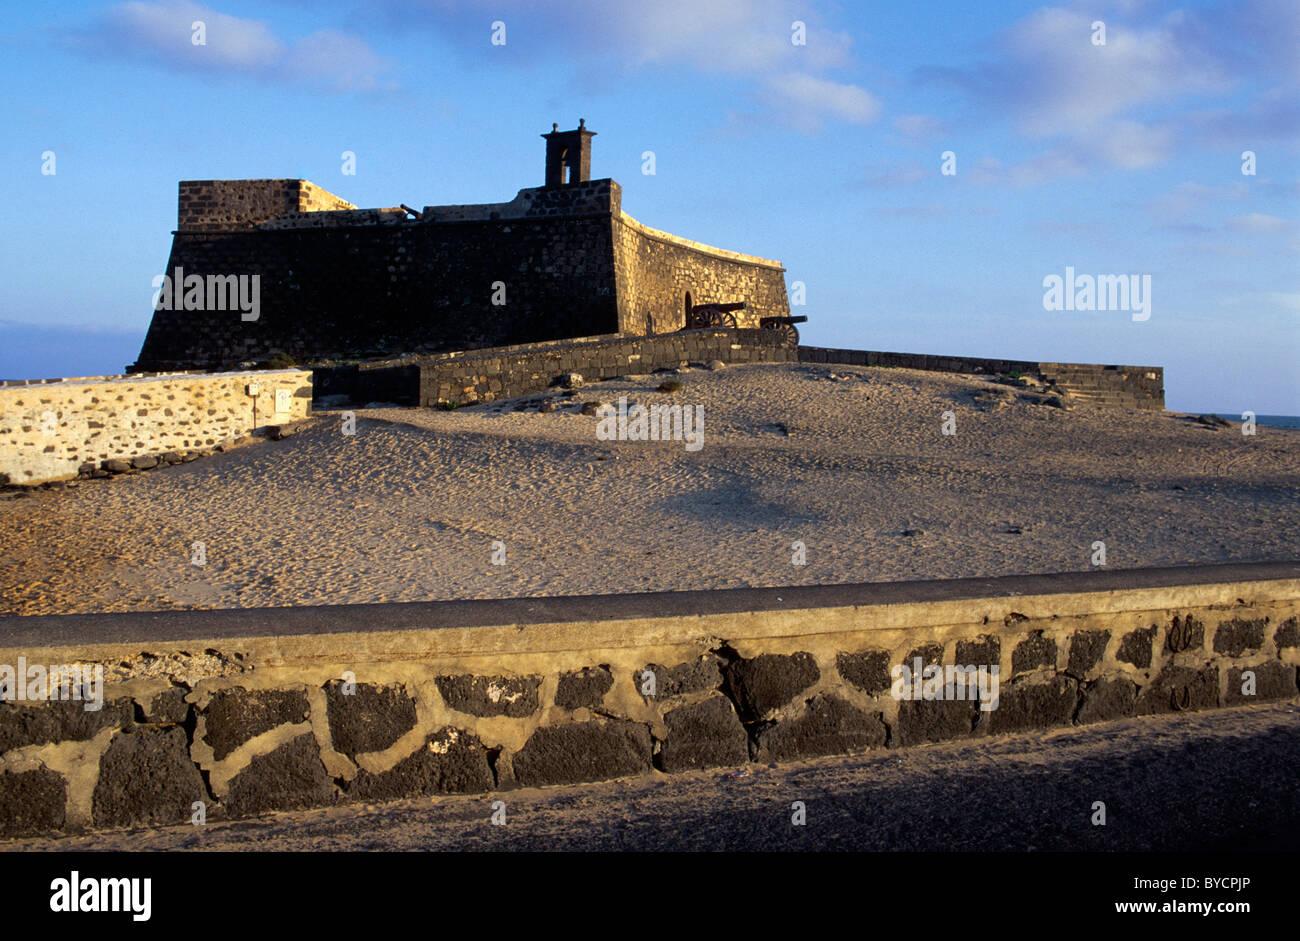 Lanzarote, Castillo de San Gabriel in Arrecife, Lanzarote, Kanarische Inseln, Spanien Stockbild